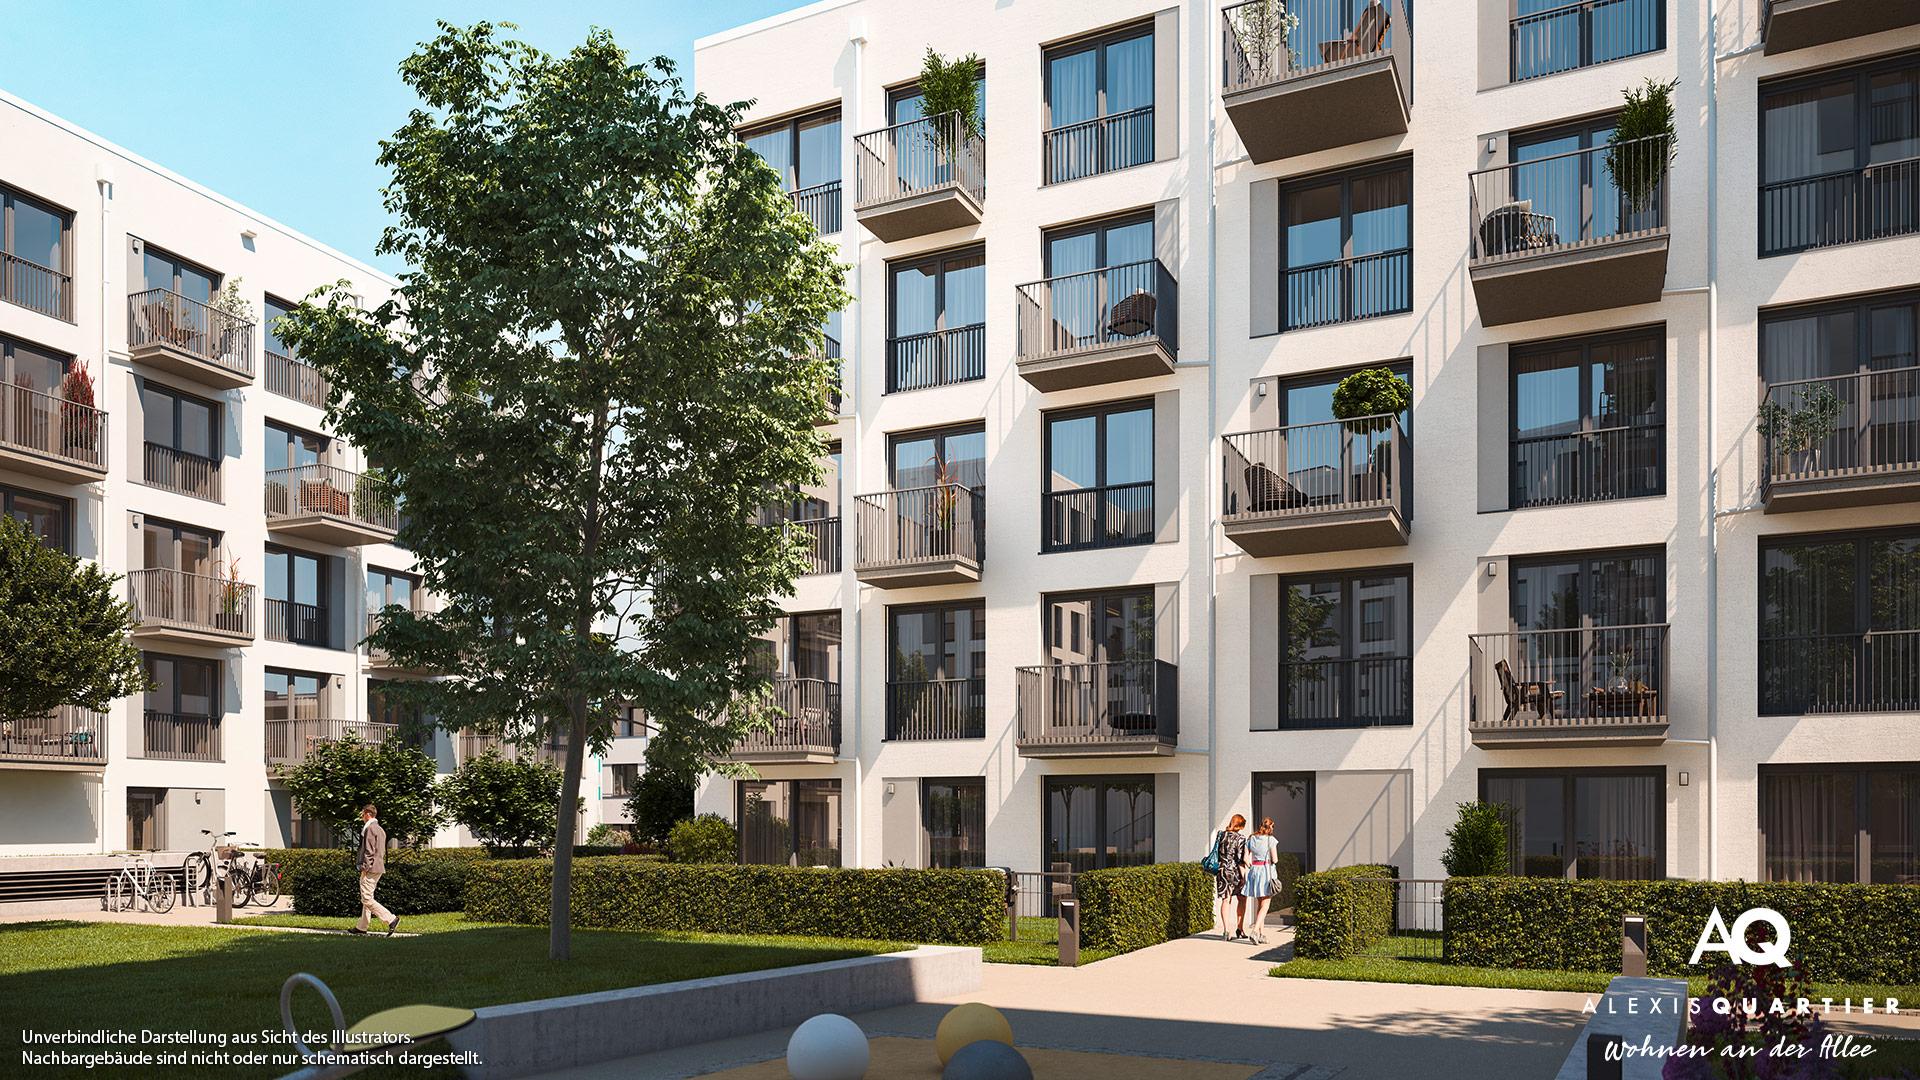 Immobilie Alexisquartier - Wohnen an der Allee - Illustration 6